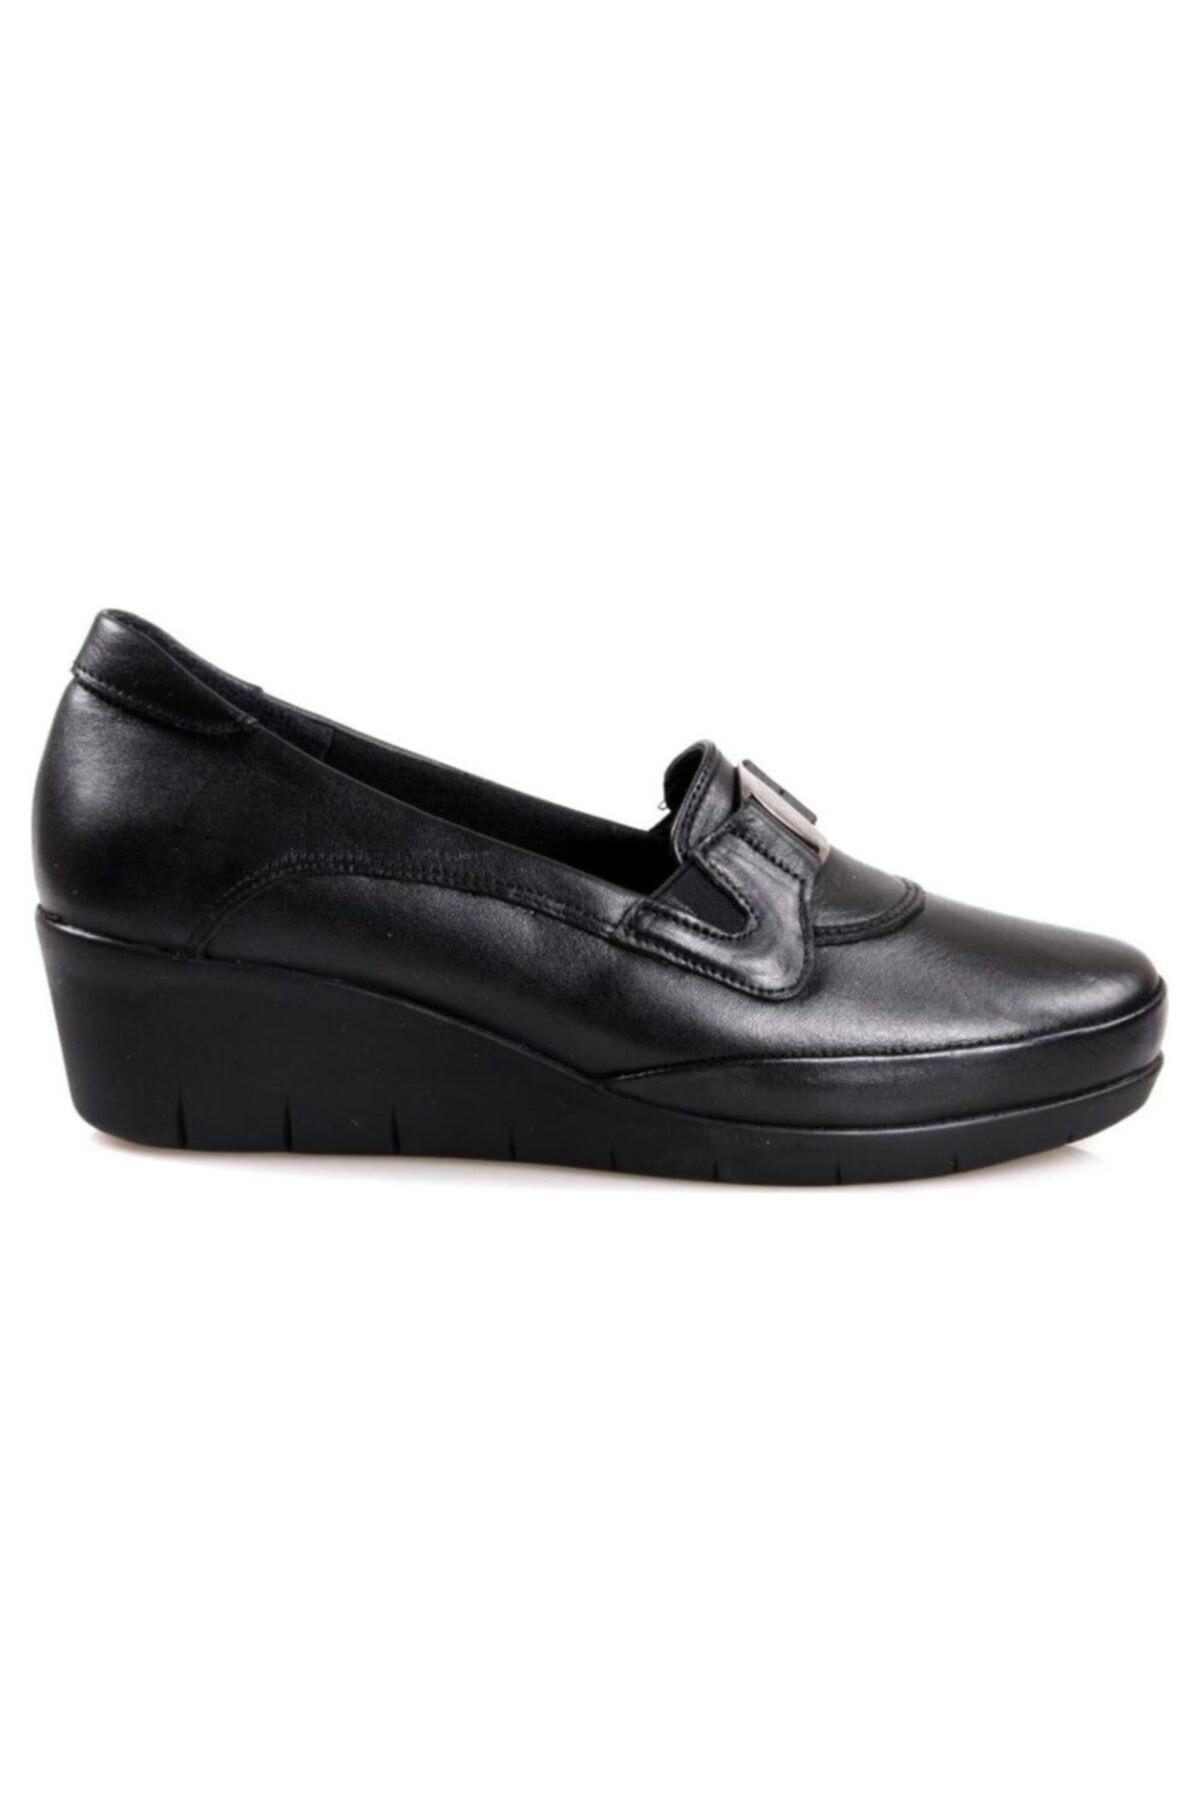 Scavia 116 Siyah Ortapedik Comfort Deri Kadın Ayakkabısı 2